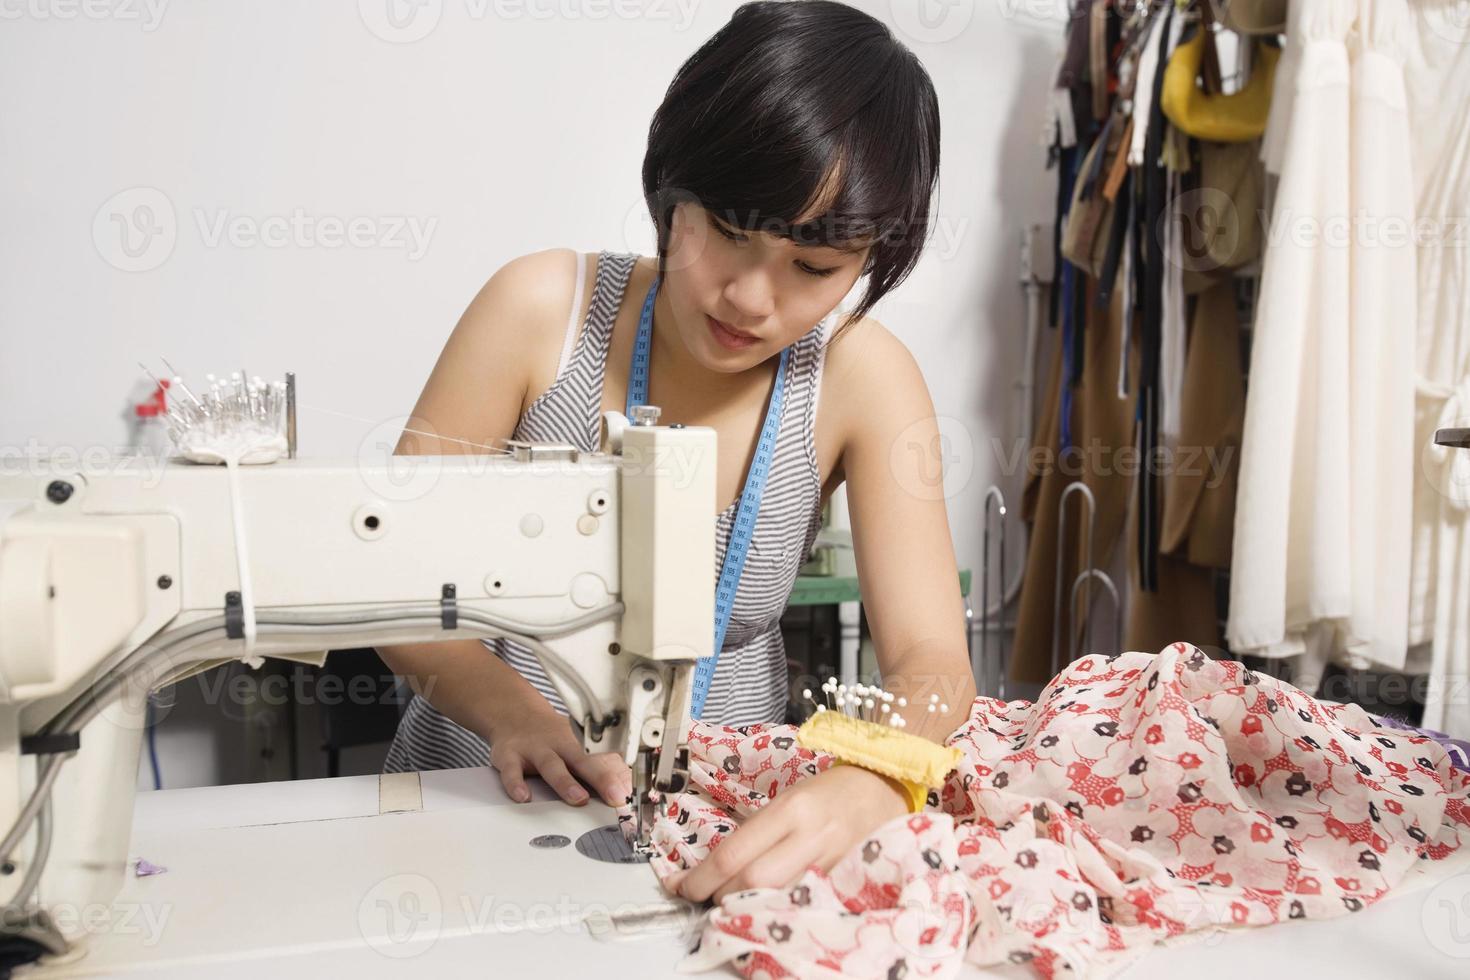 costureira no trabalho foto